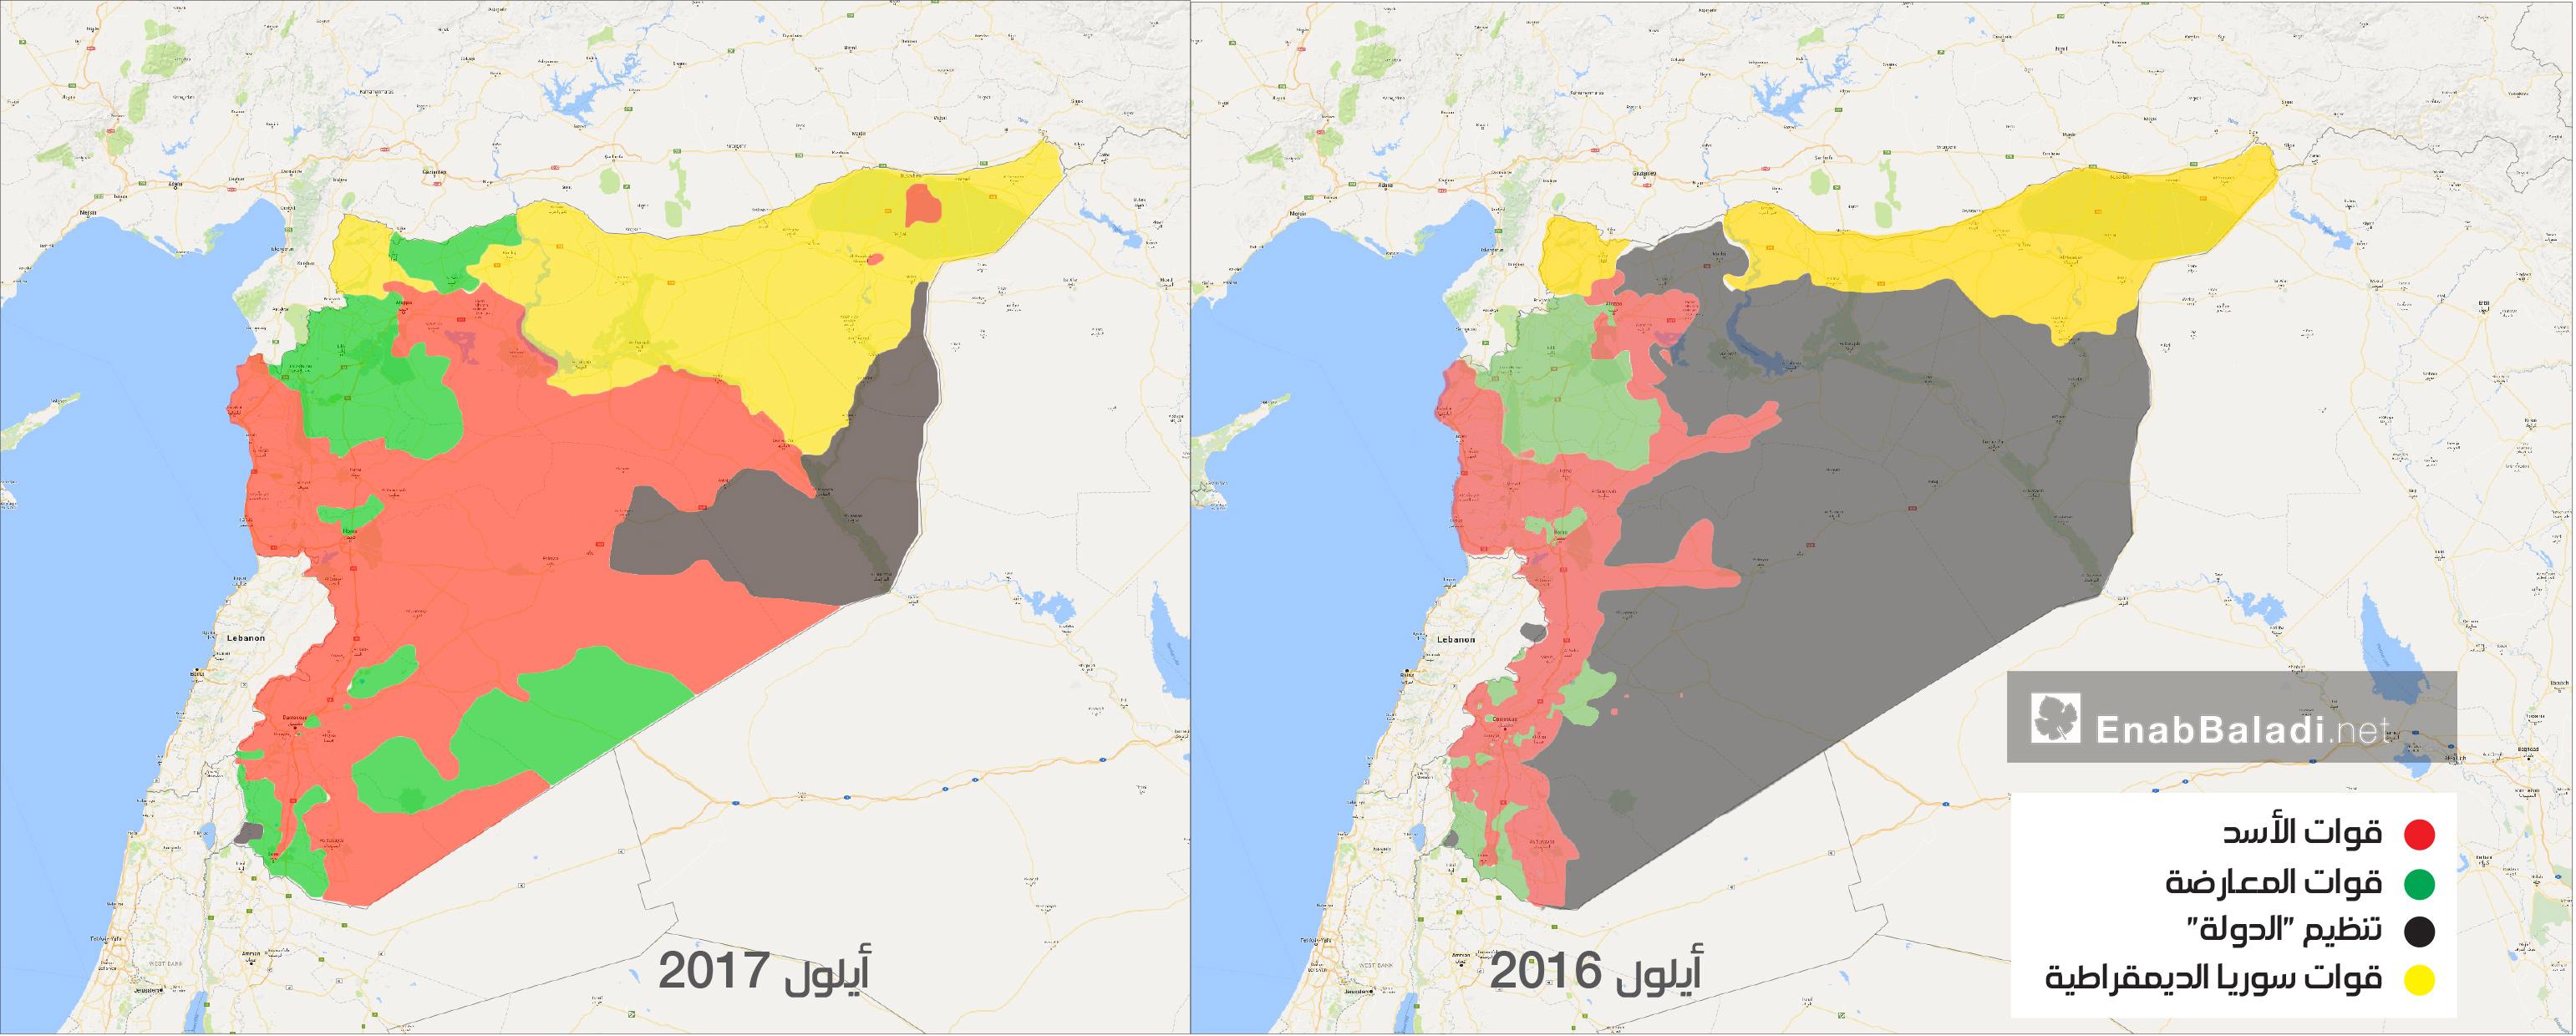 تغير خريطة السيطرة في سوريا بين عامي 2015 و2017 (عنب بلدي)